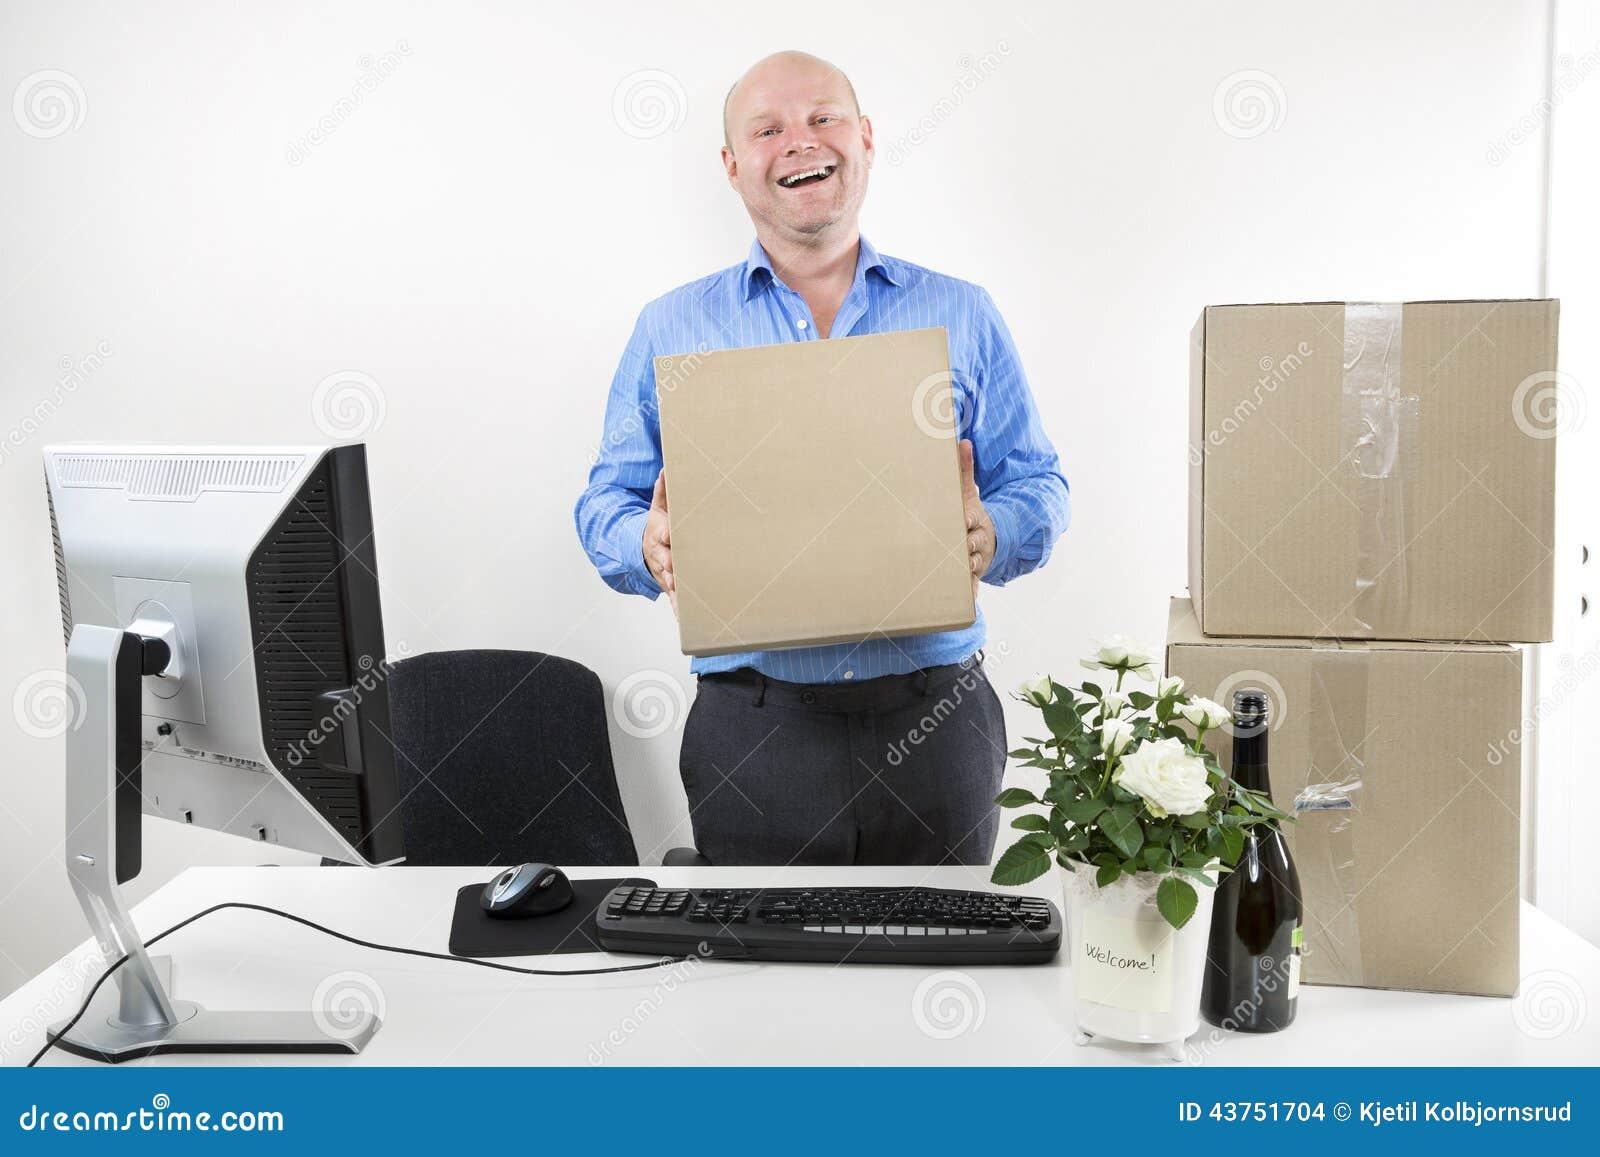 Bureau de poste un premier jour dans la douleur